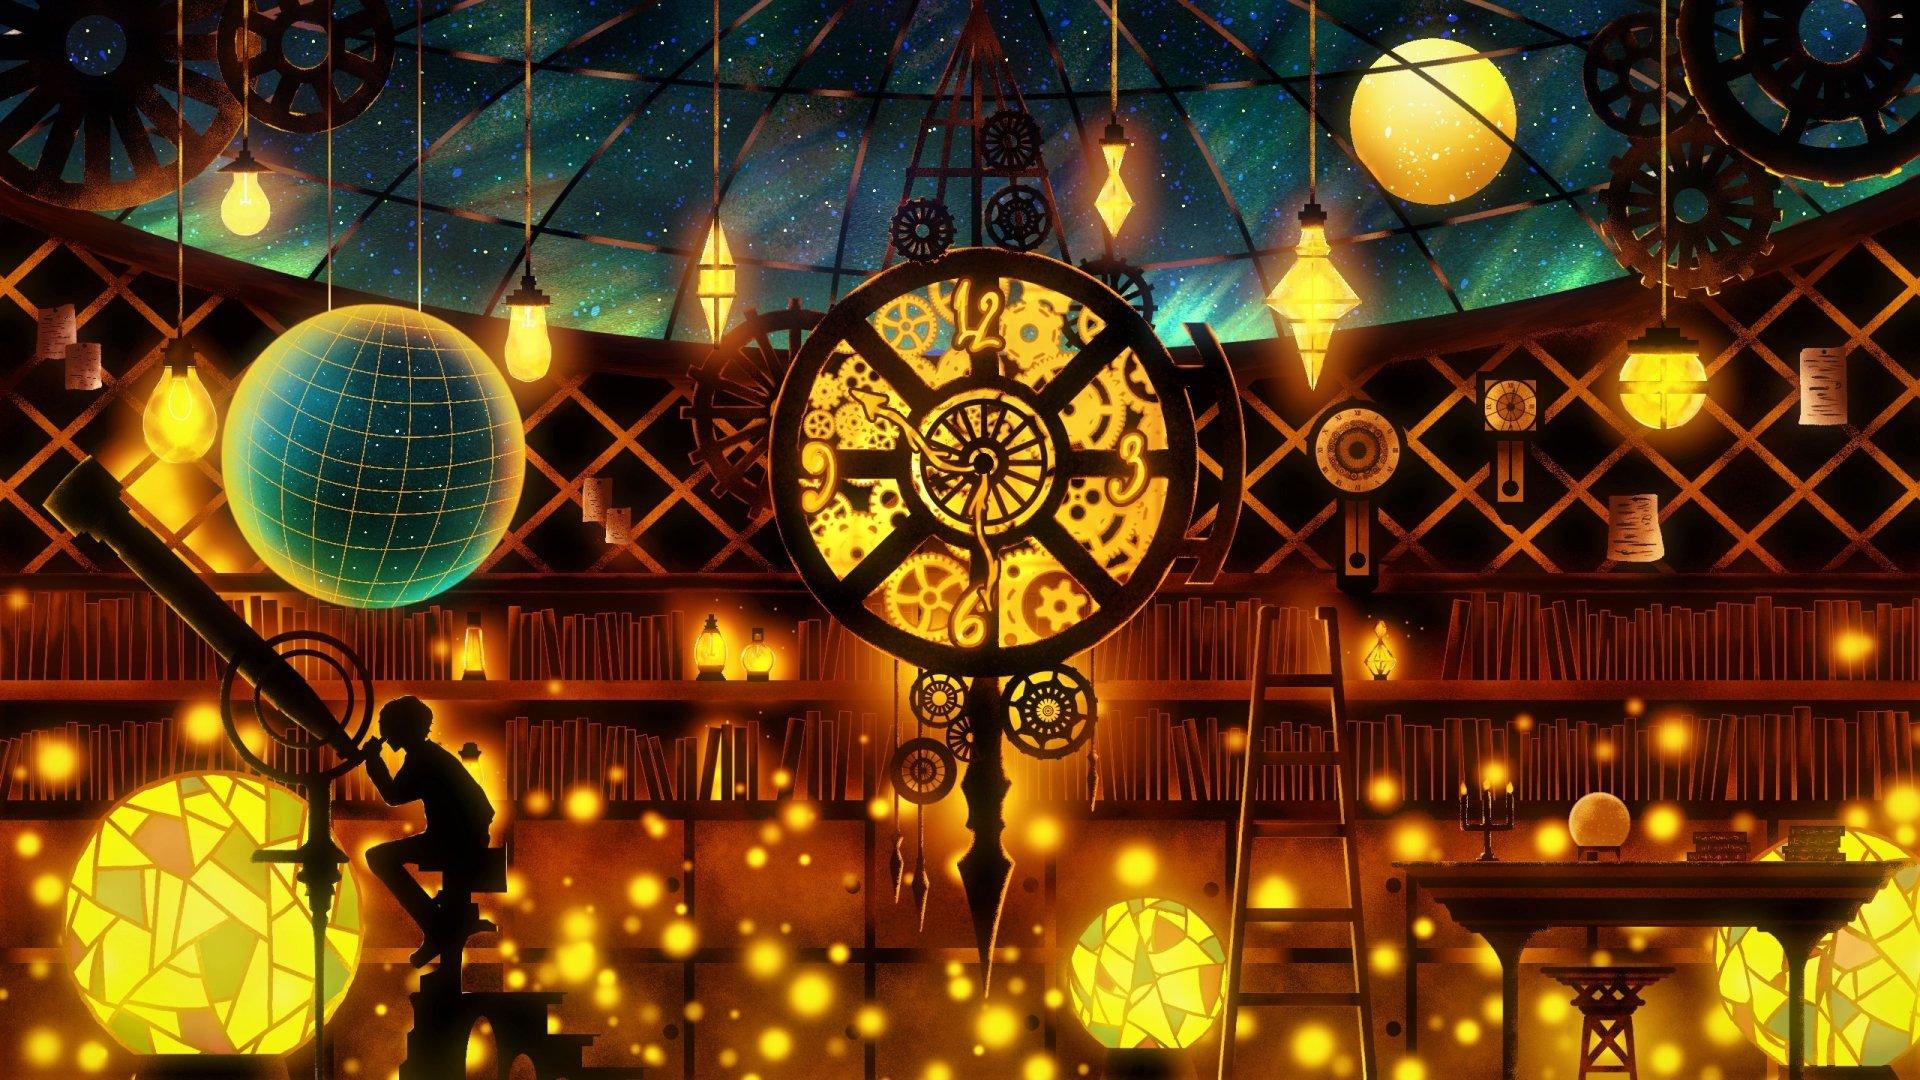 艺术 - 奇幻  艺术 Boy Telescope Observatory 魔法 Colorful 光 壁纸